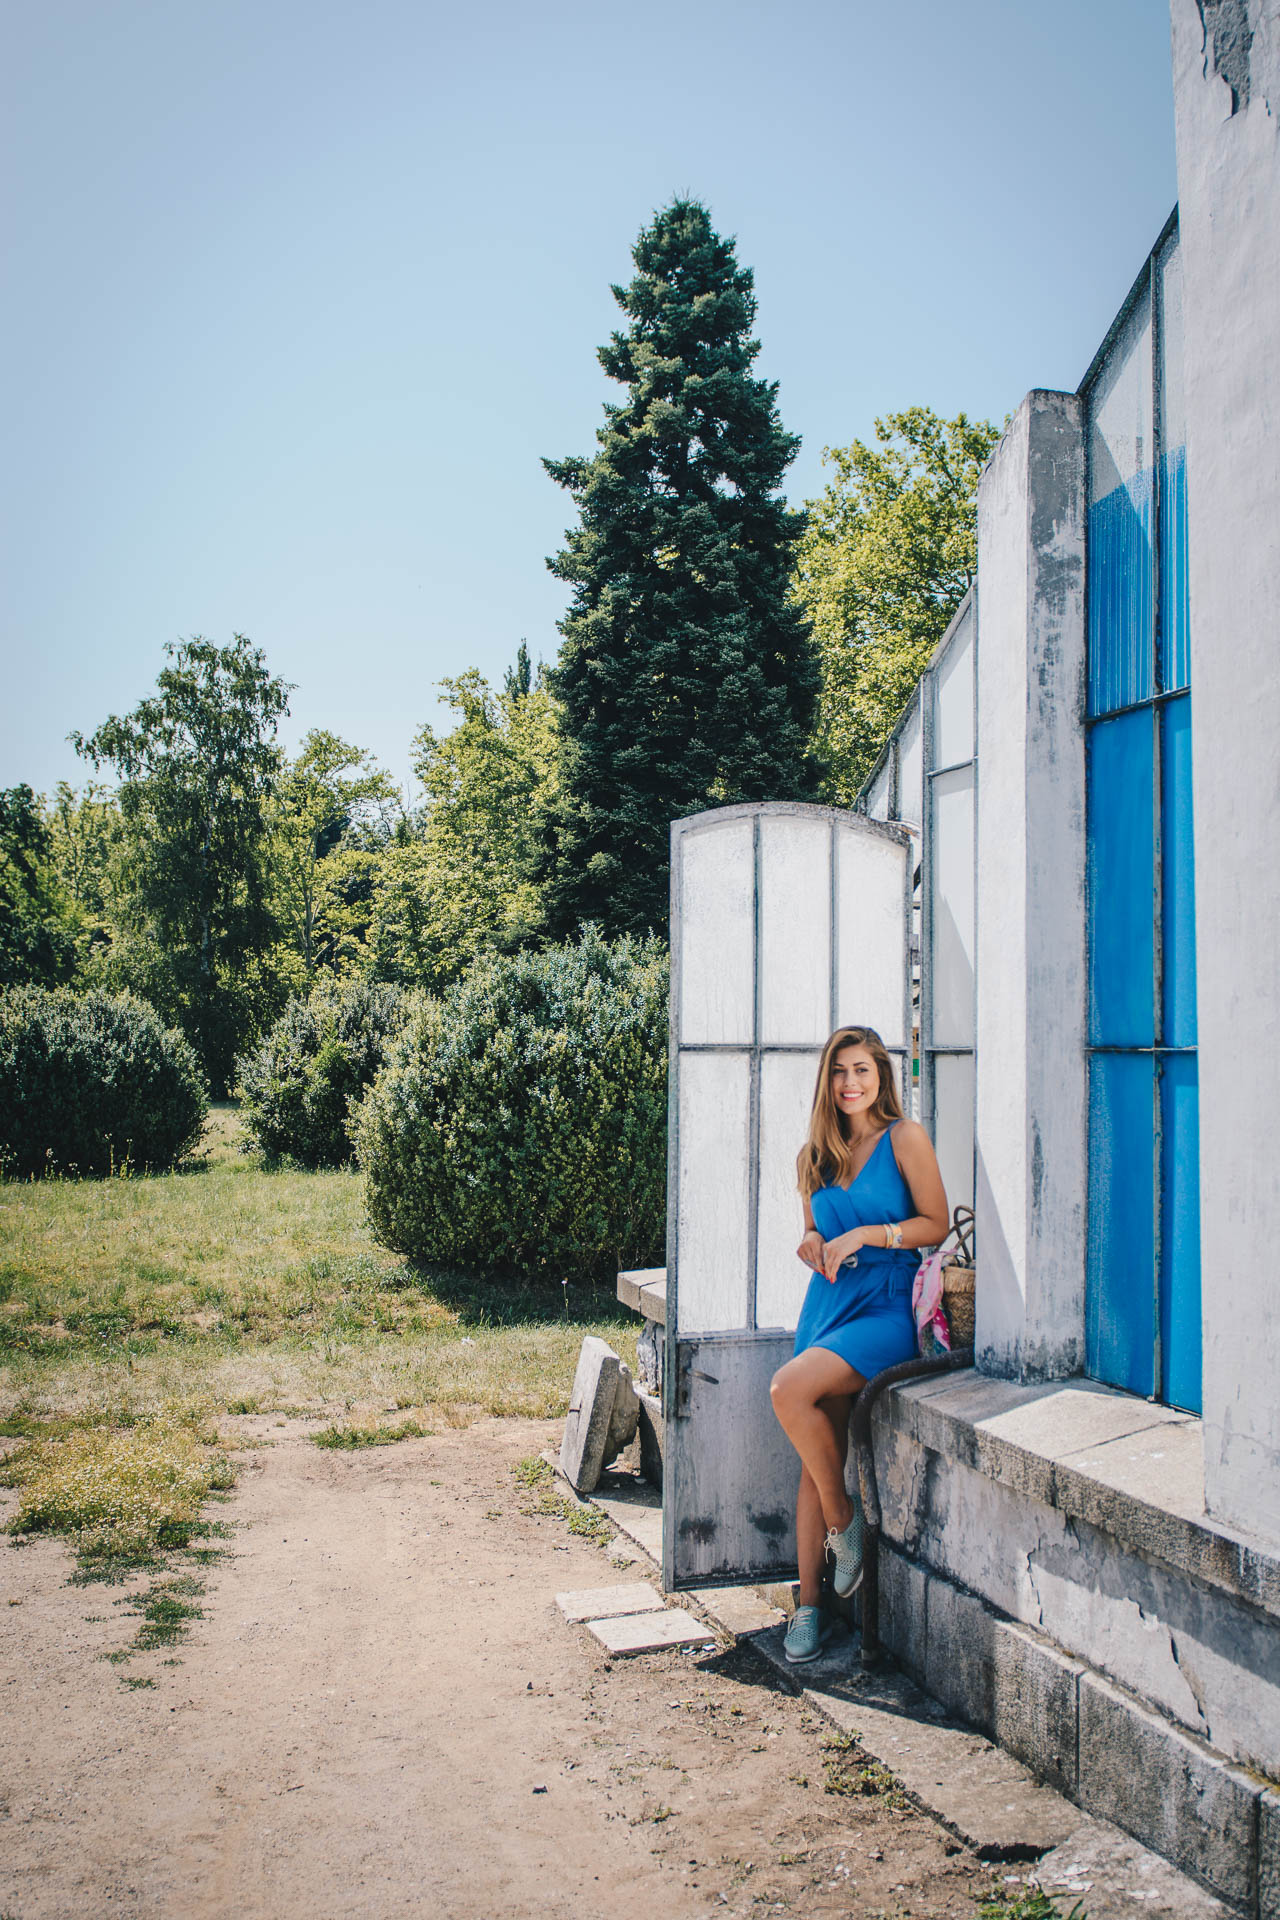 Синя лятна рокля и оранжерии